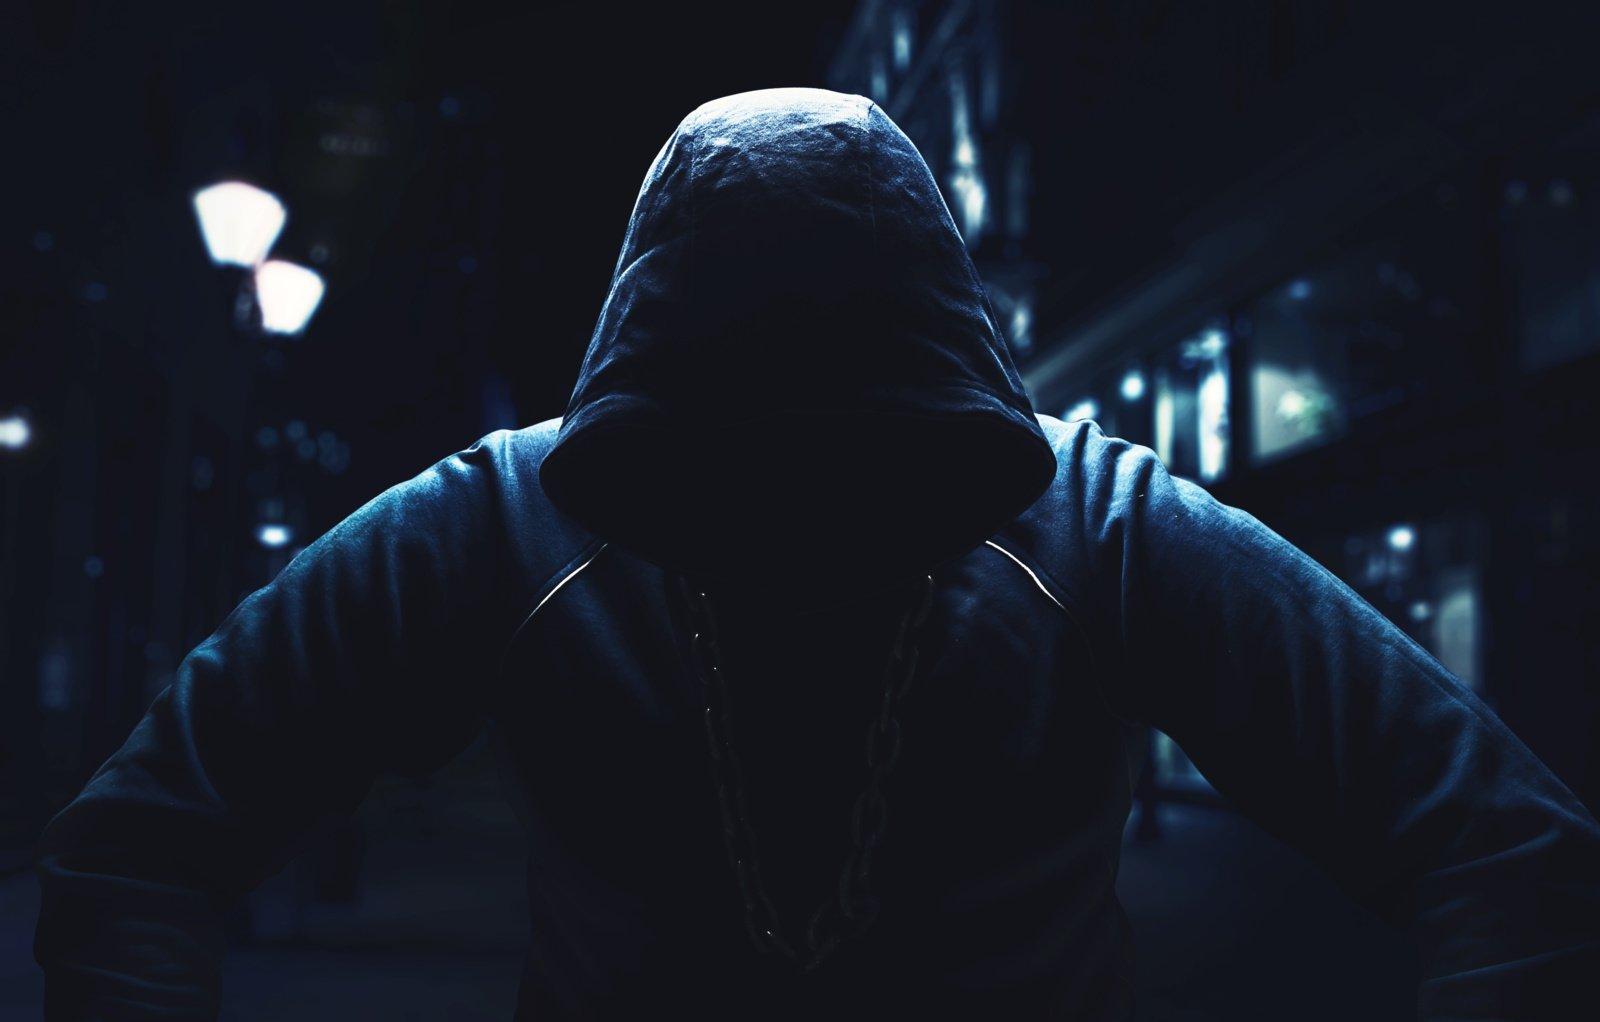 Kriminalinė suvestinė Klaipėdos apskrityje: siautėjo ilgapirščiai